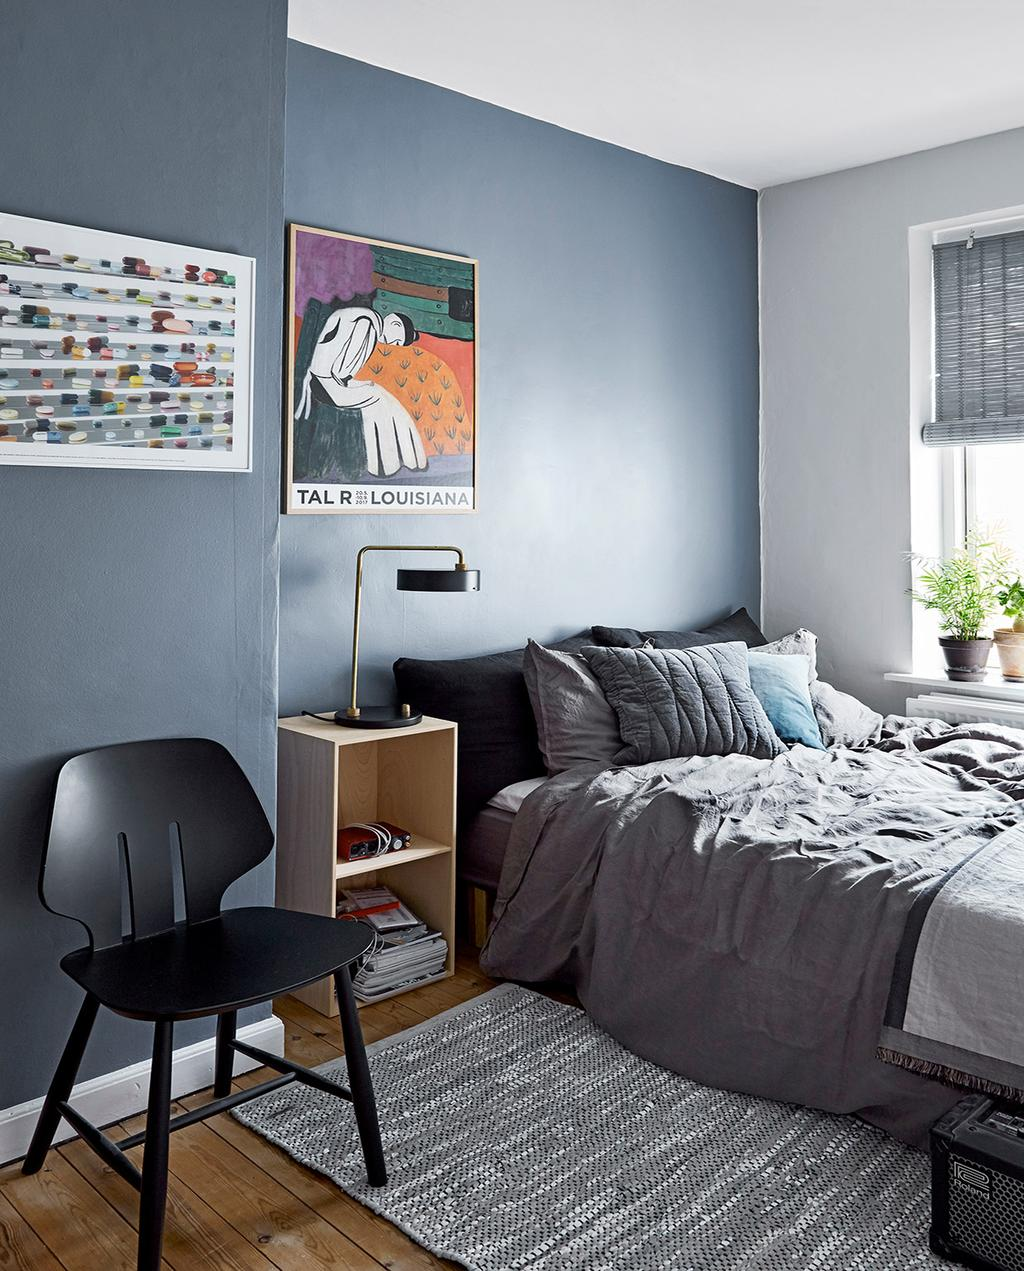 vtwonen 02-2021 | slaapkamer met blauwe wand en grijs opgemaakt bed